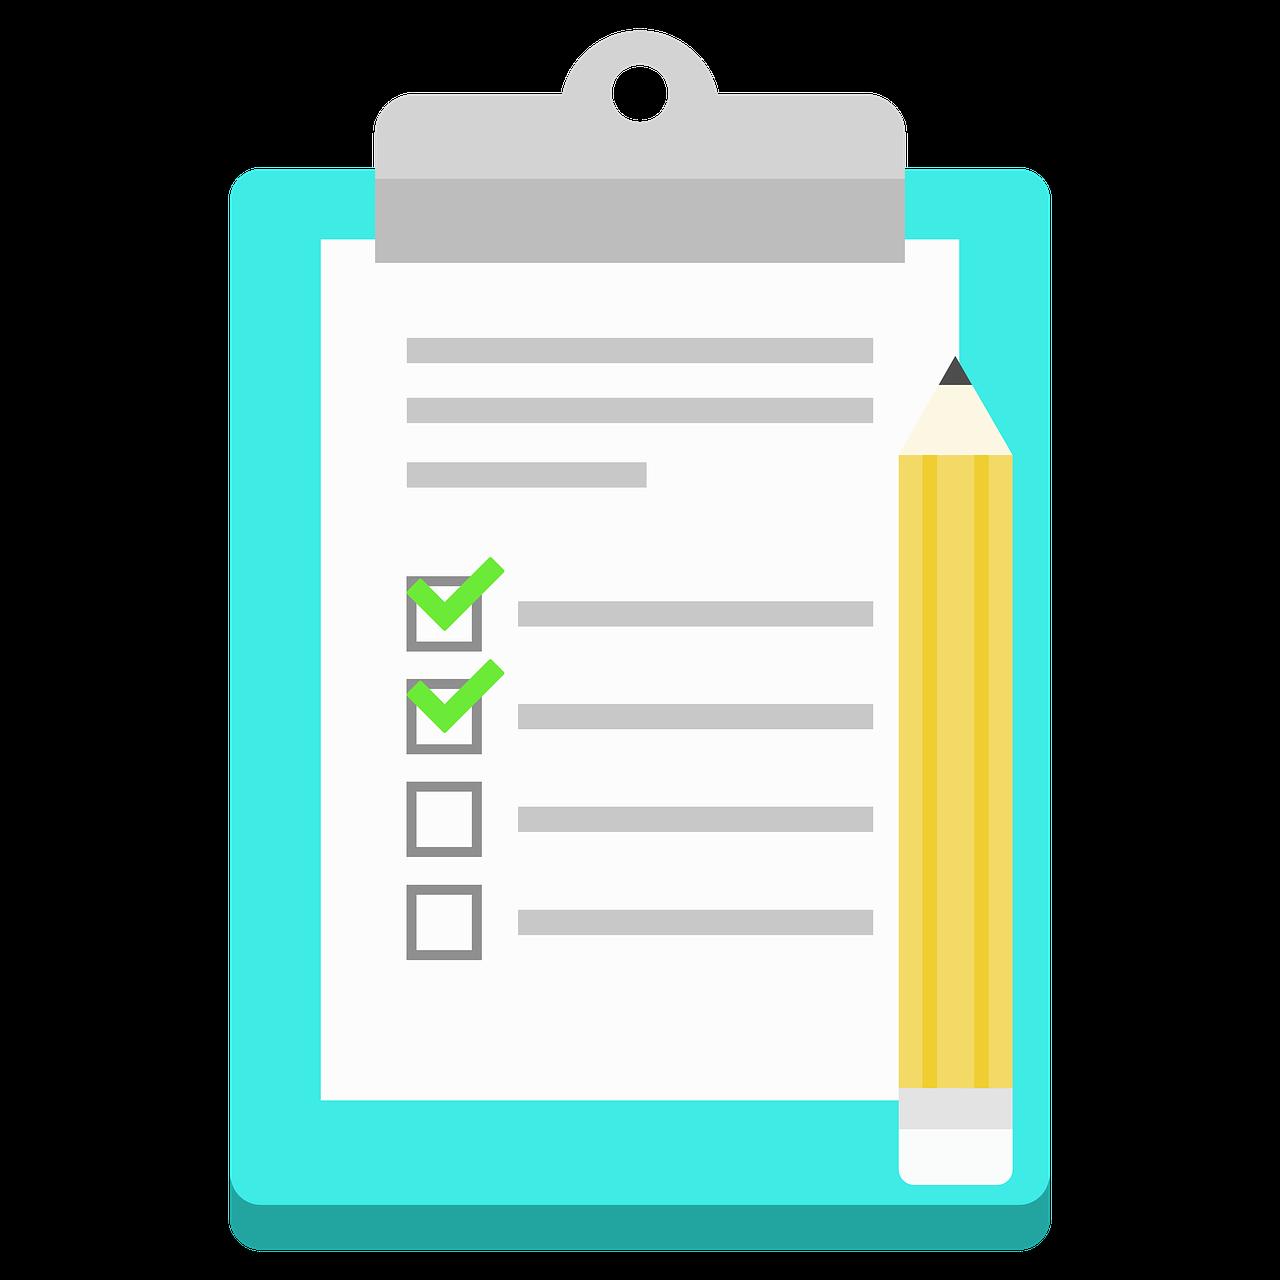 契約書などの重要な書類はリストを作って定期的に更新することが大切。